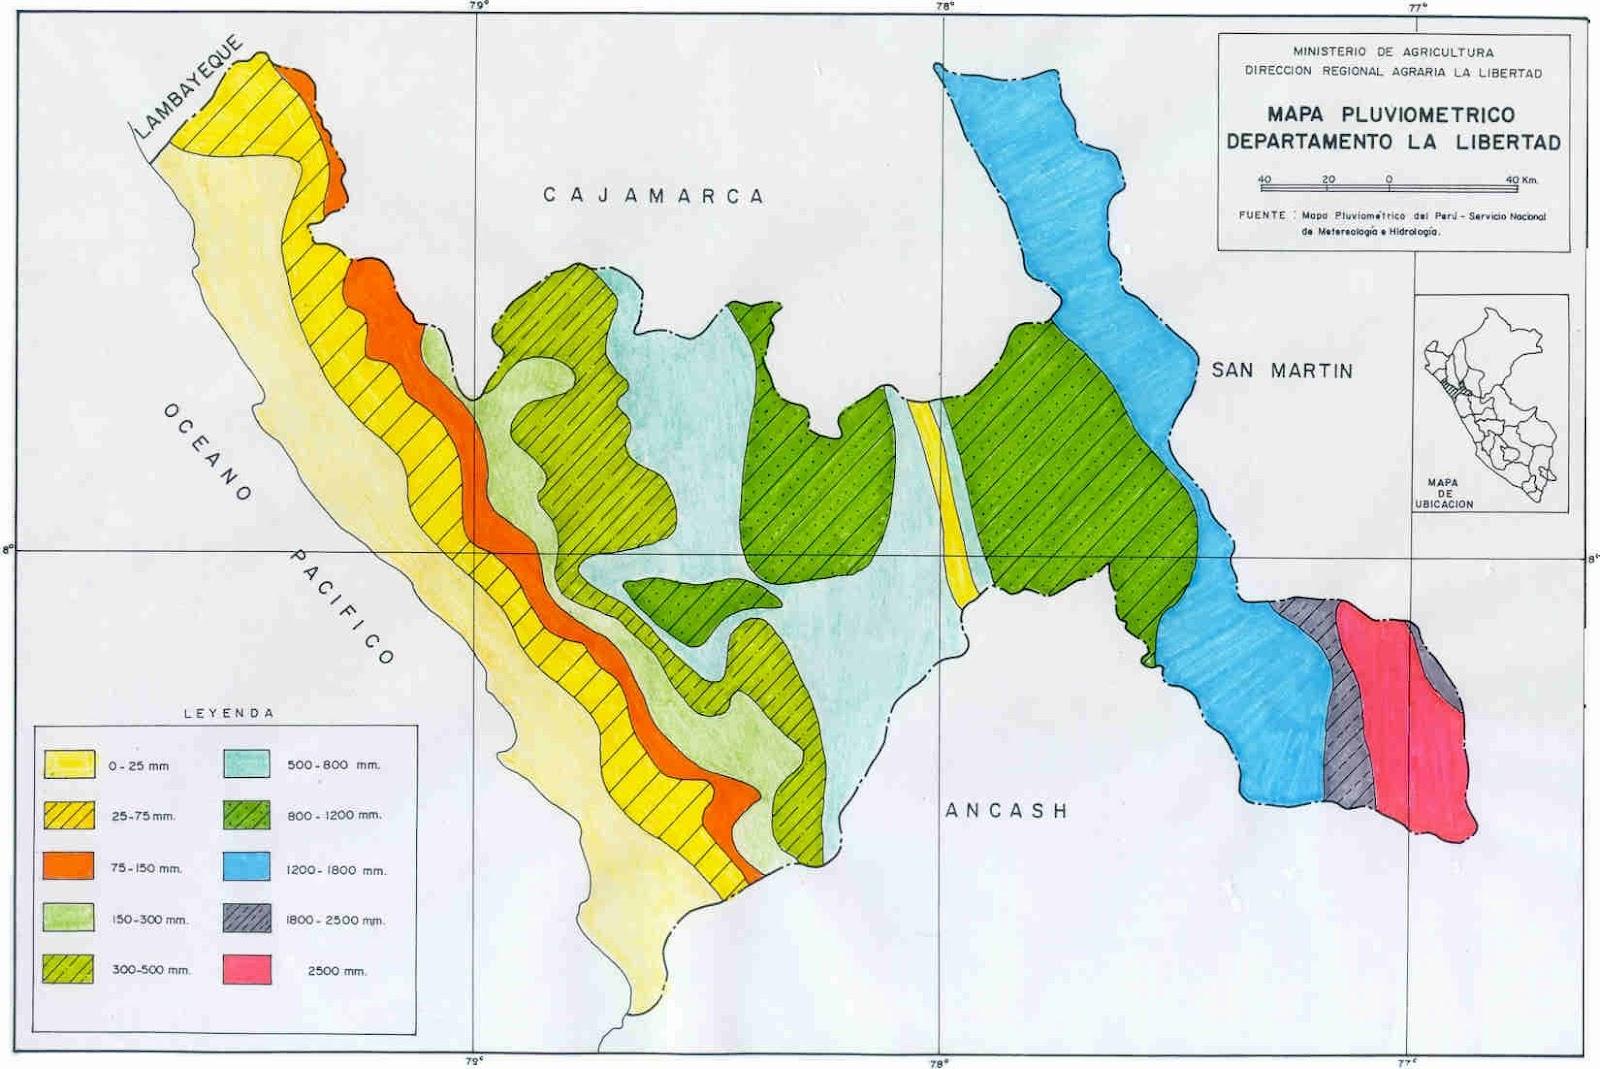 Red libre im genes planos mapas paisajes la libertad for 4 usos del suelo en colombia